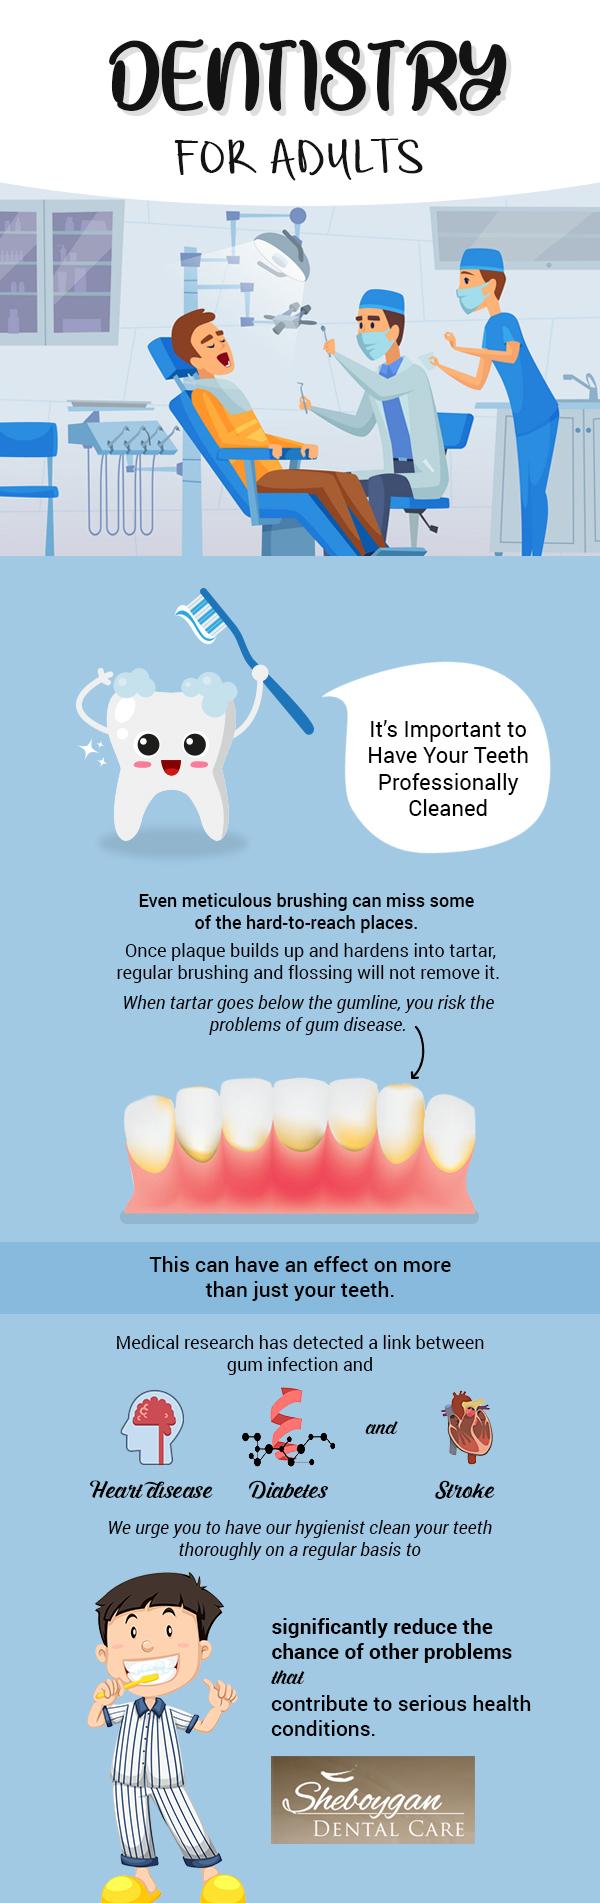 Choose Sheboygan Dental Care for Adult Dental Care Services in Sheboygan, WI